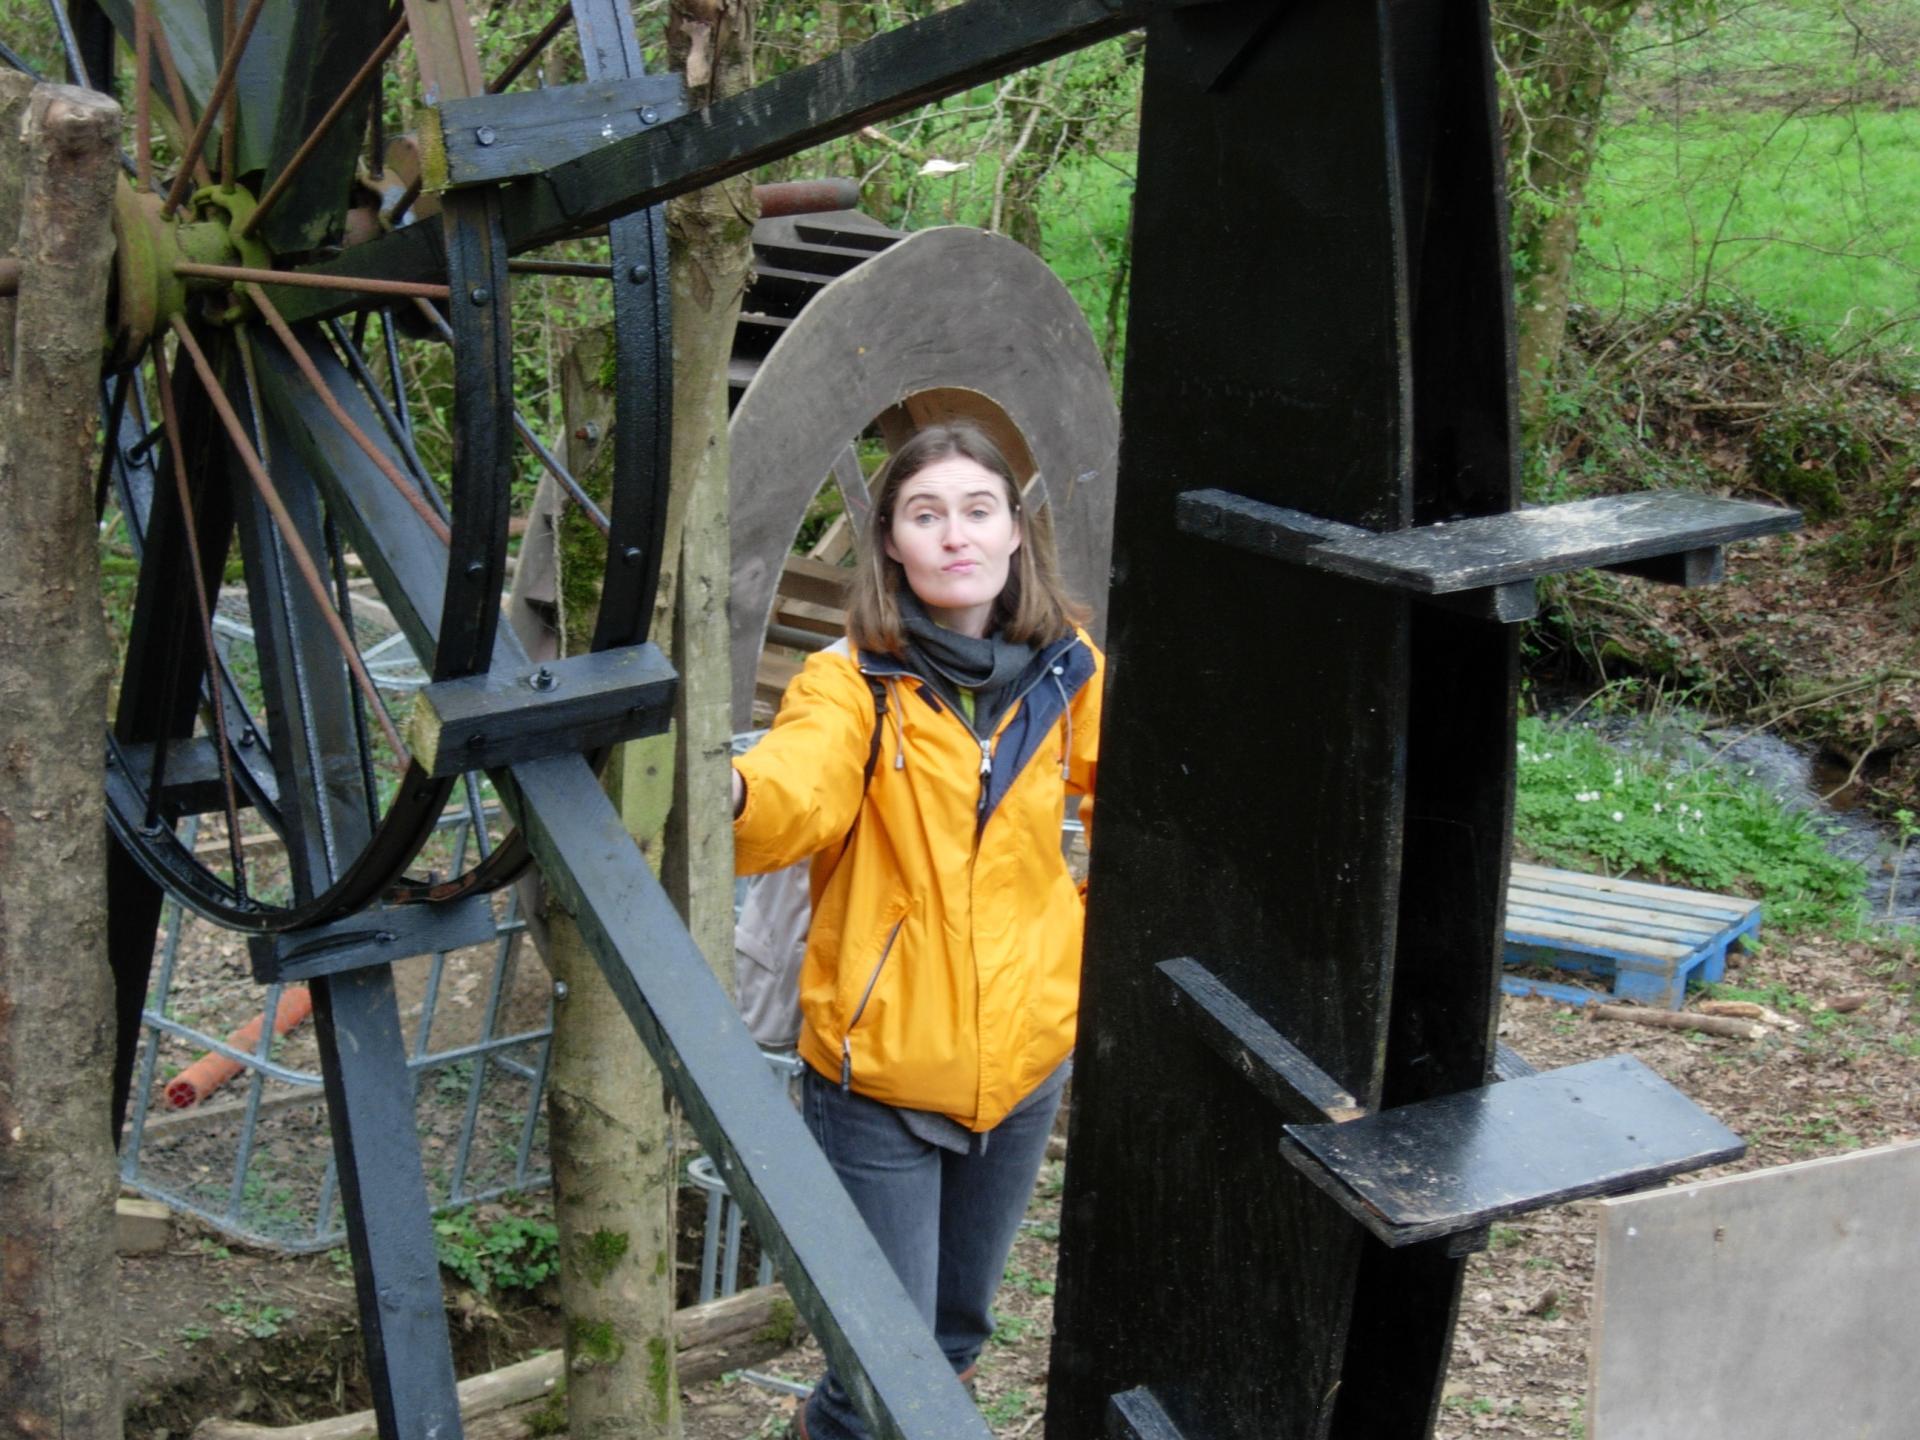 une Maîtresse étonnée par le Moulin pédagogique